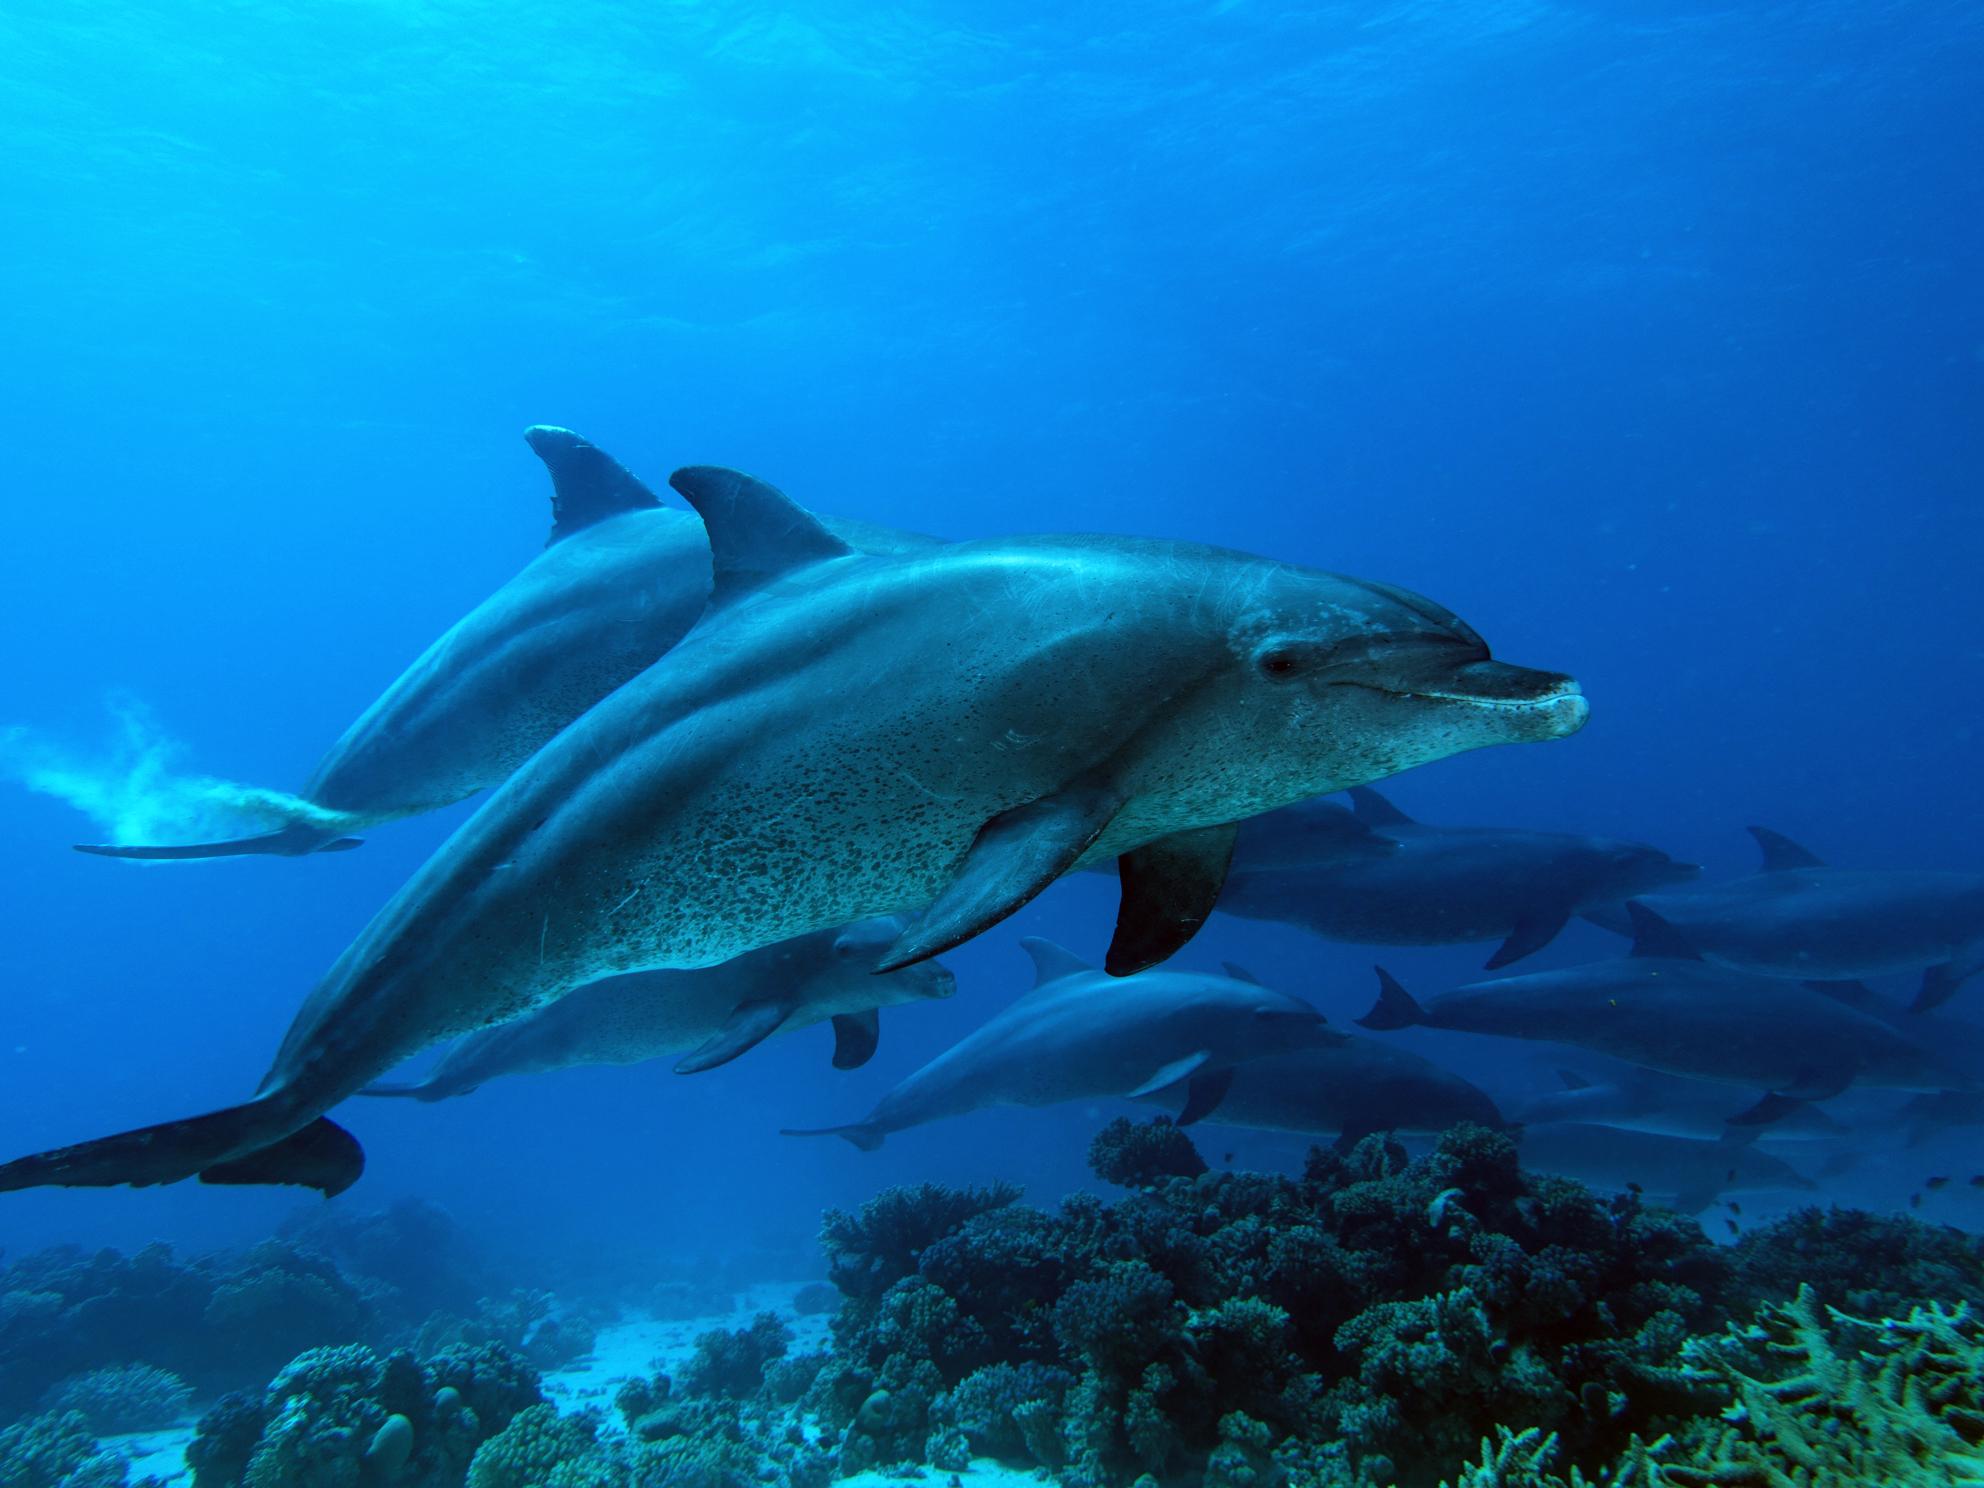 Delfinrudel